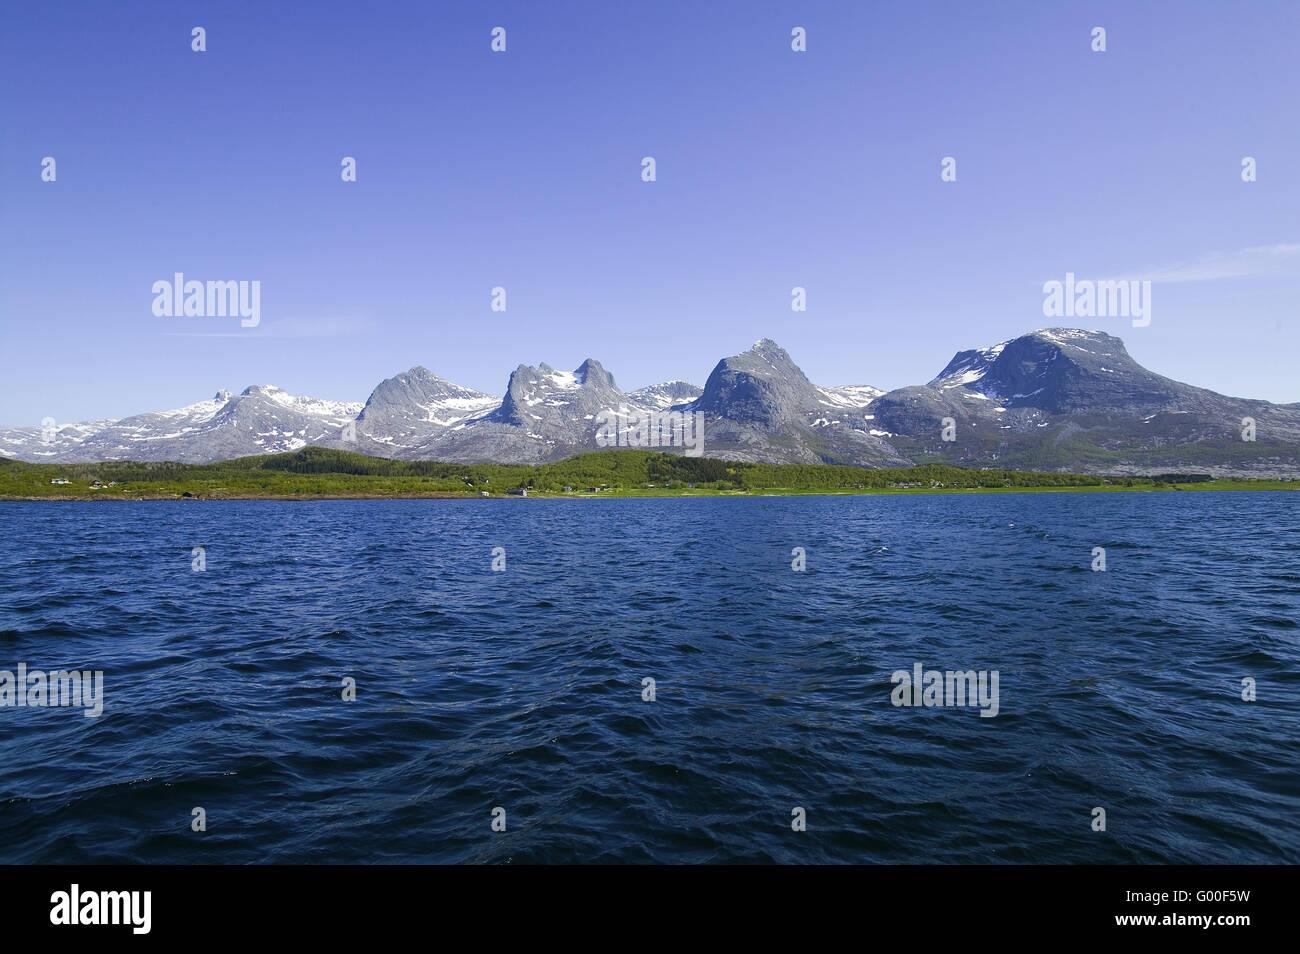 La chaîne de montagne des sept sœurs, Norvège Photo Stock